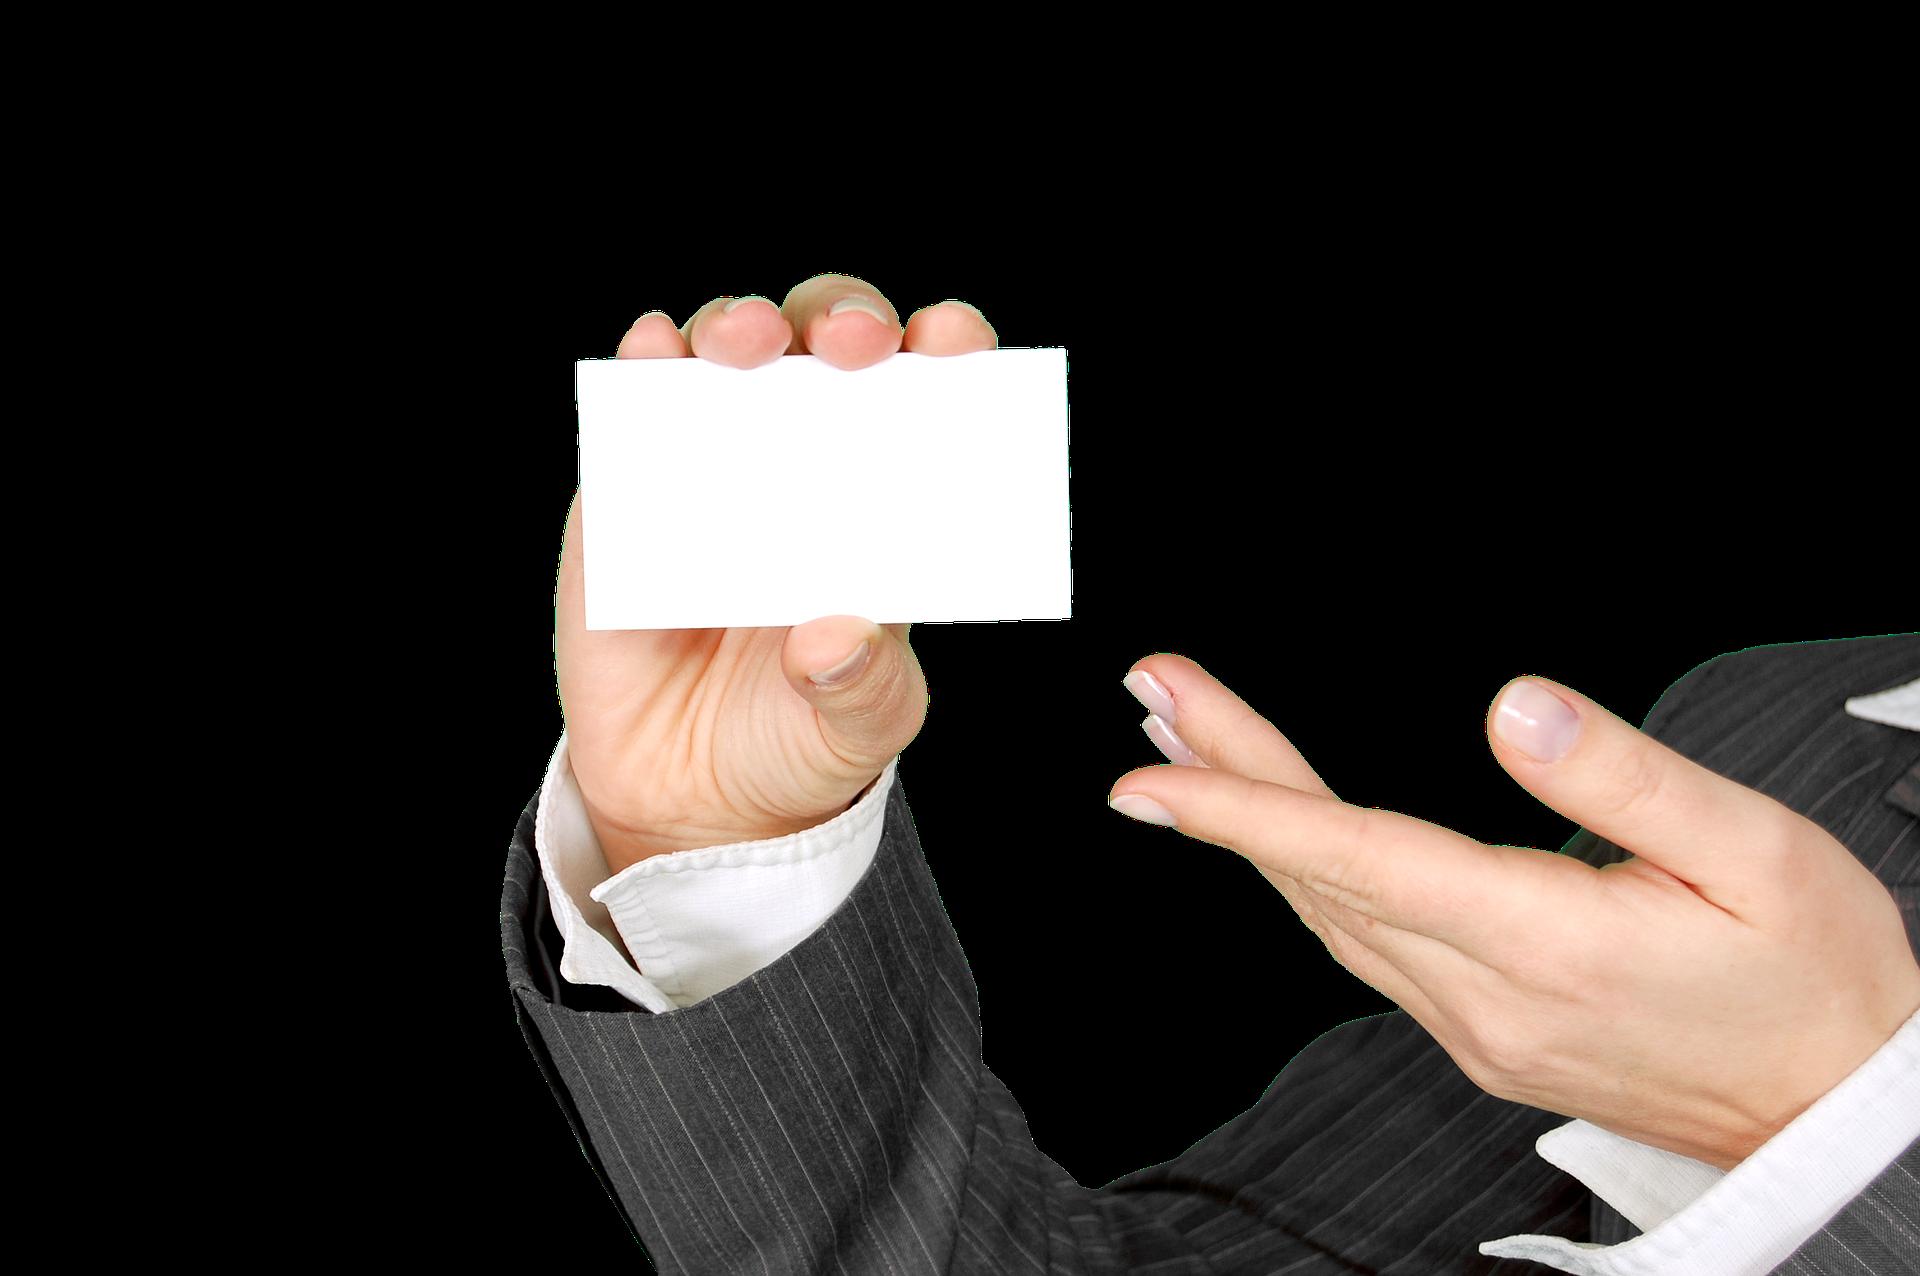 カプセル購入時の身分証明書